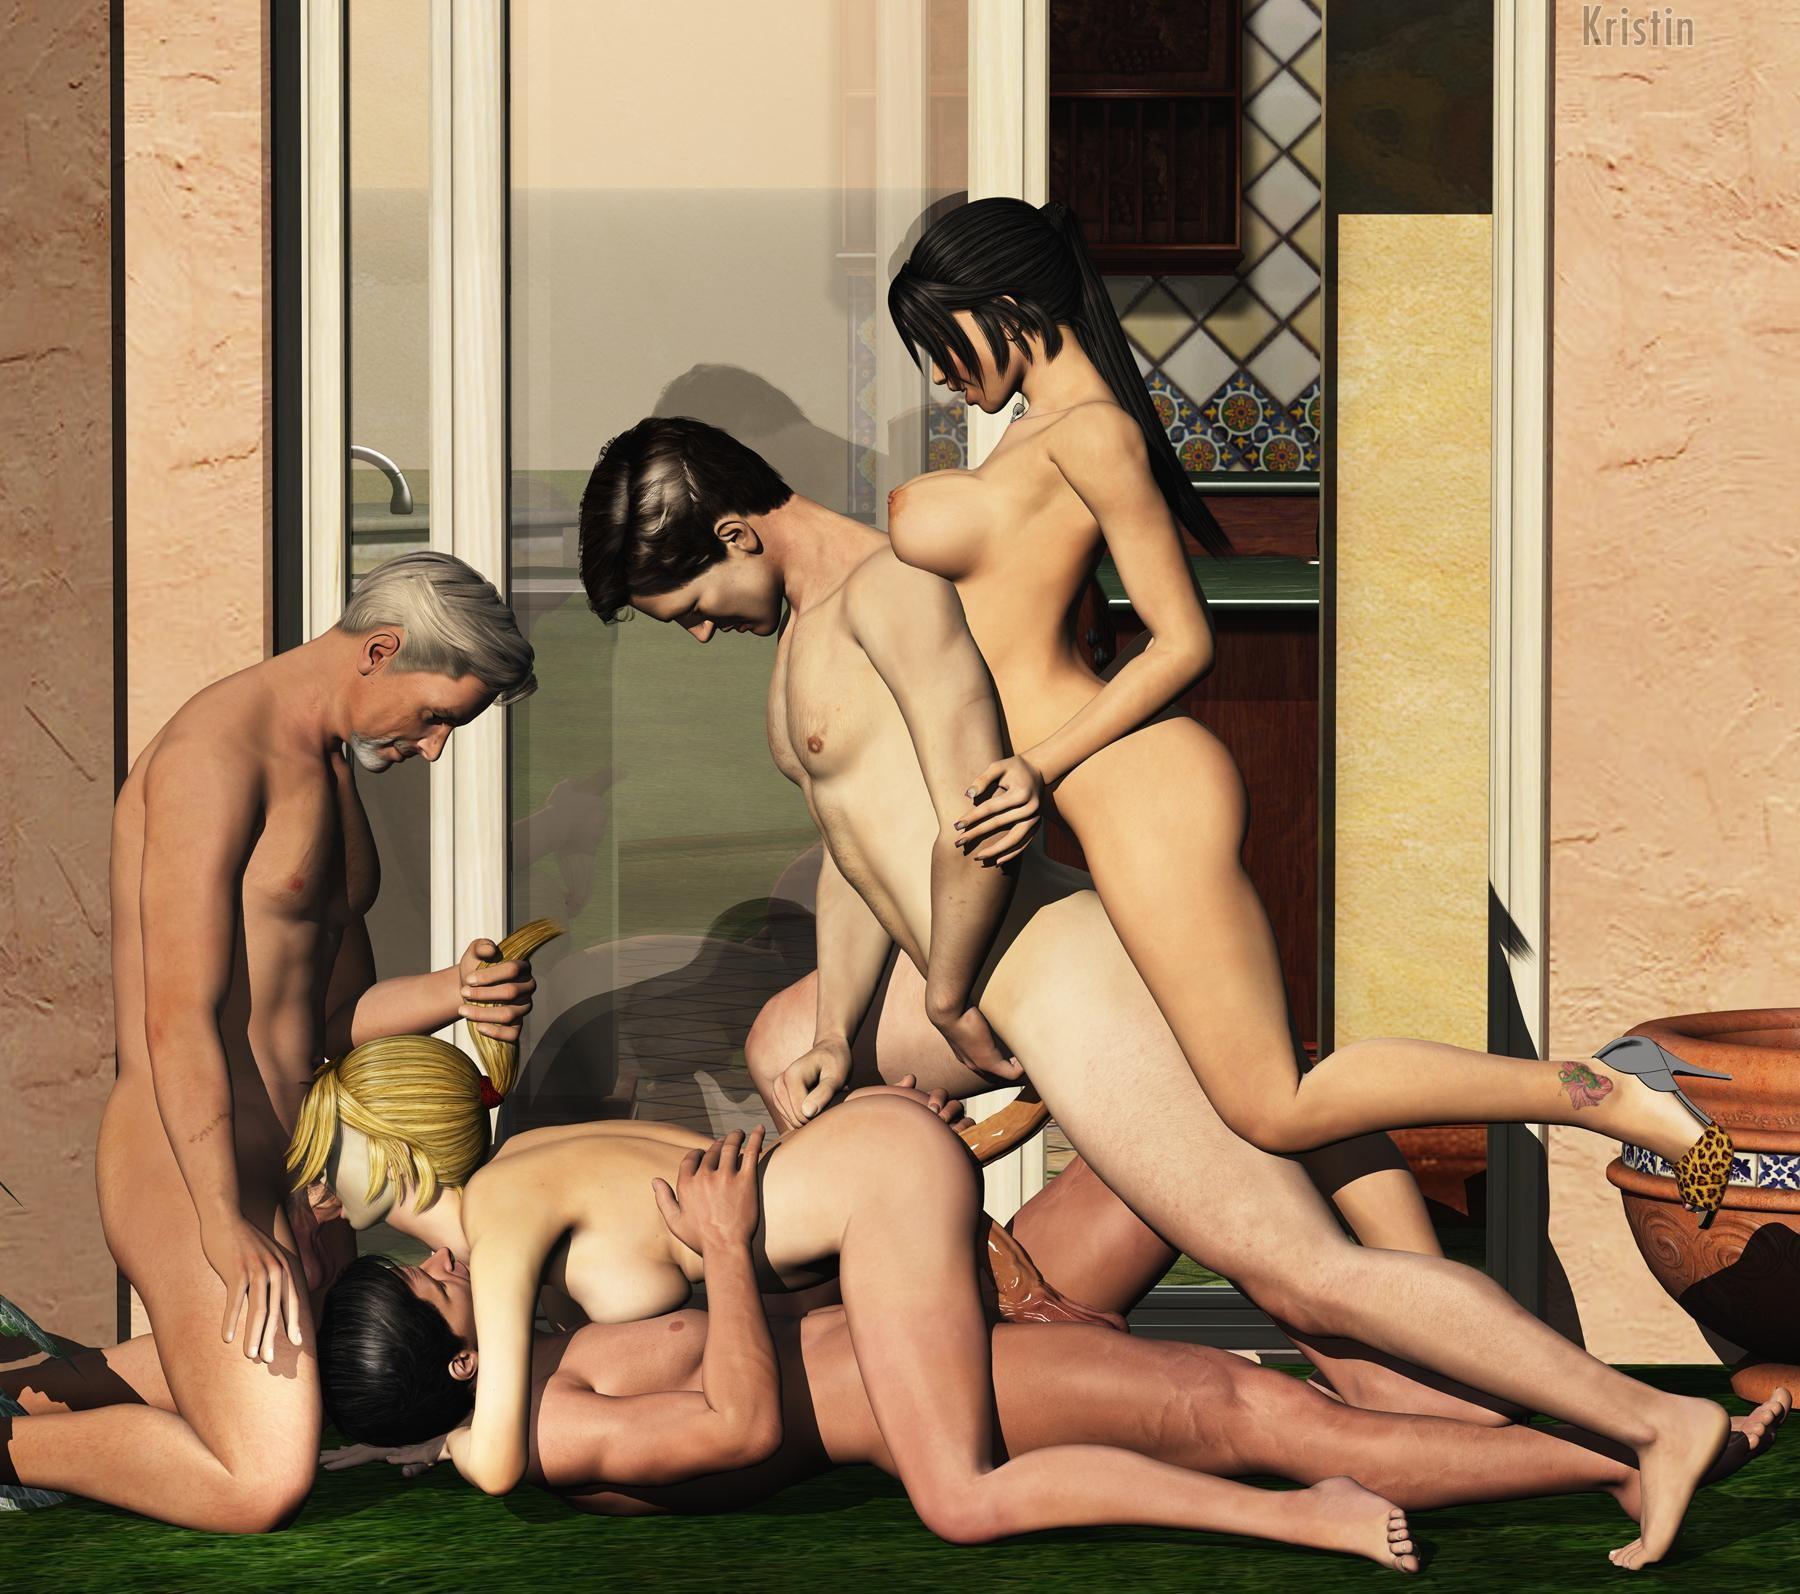 Free online porn comics